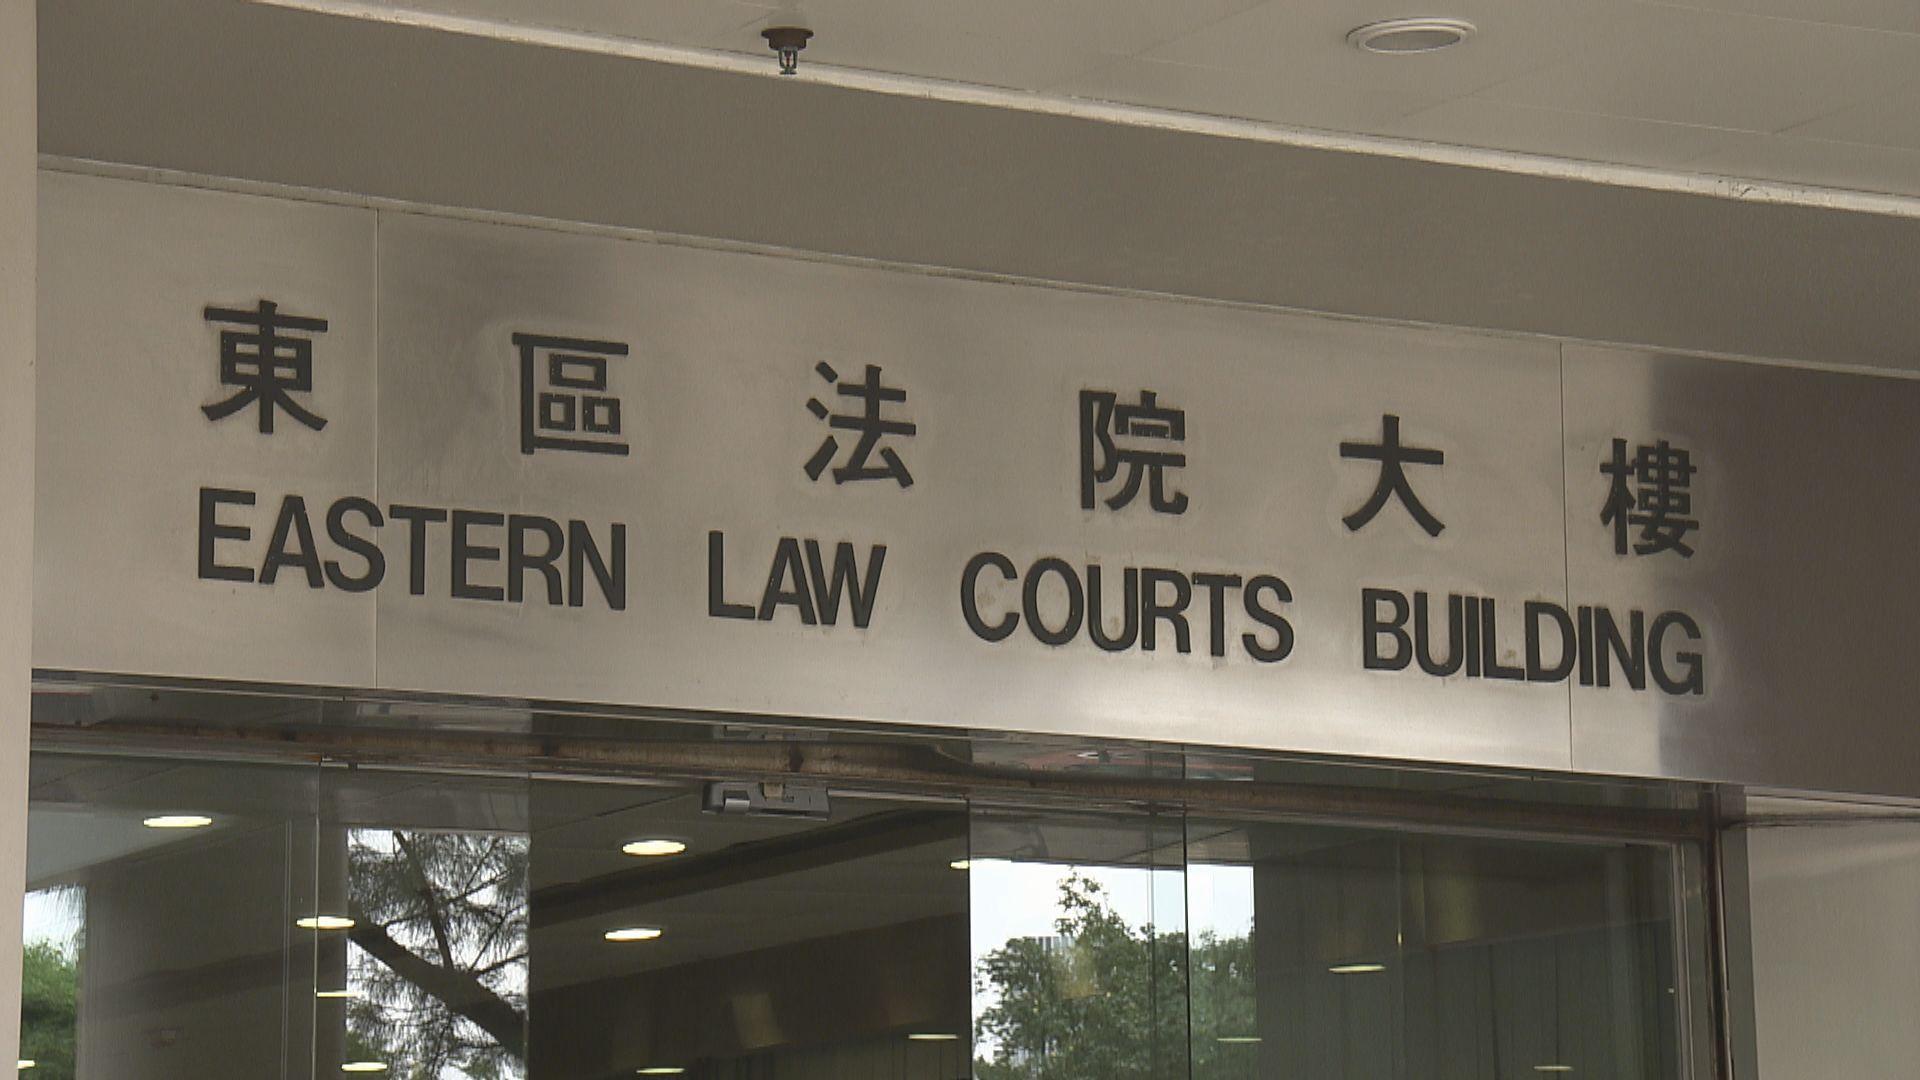 陳皓桓承認前年9月15日港島參與非法集結 加監一個月